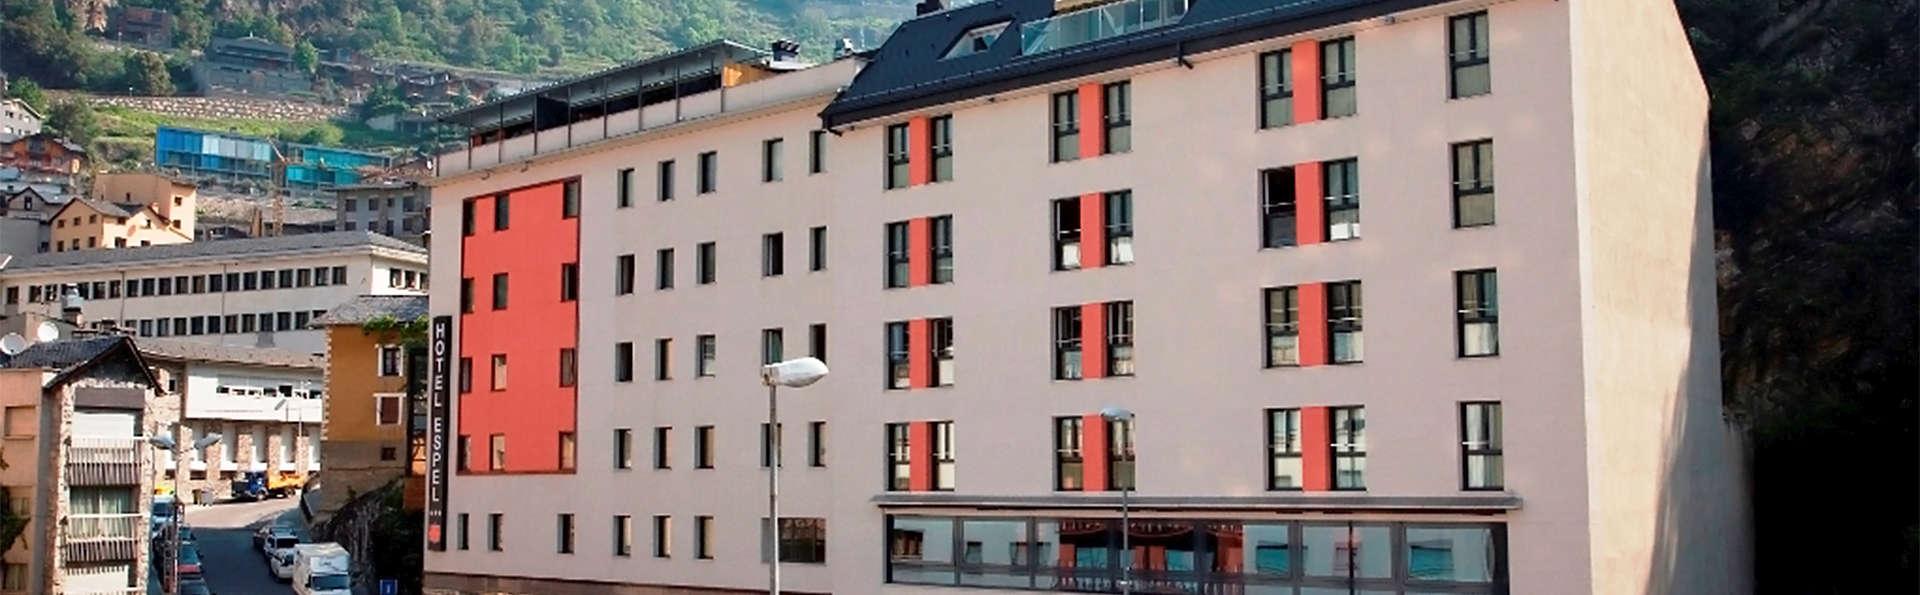 Hotel Espel - EDIT_front5.jpg